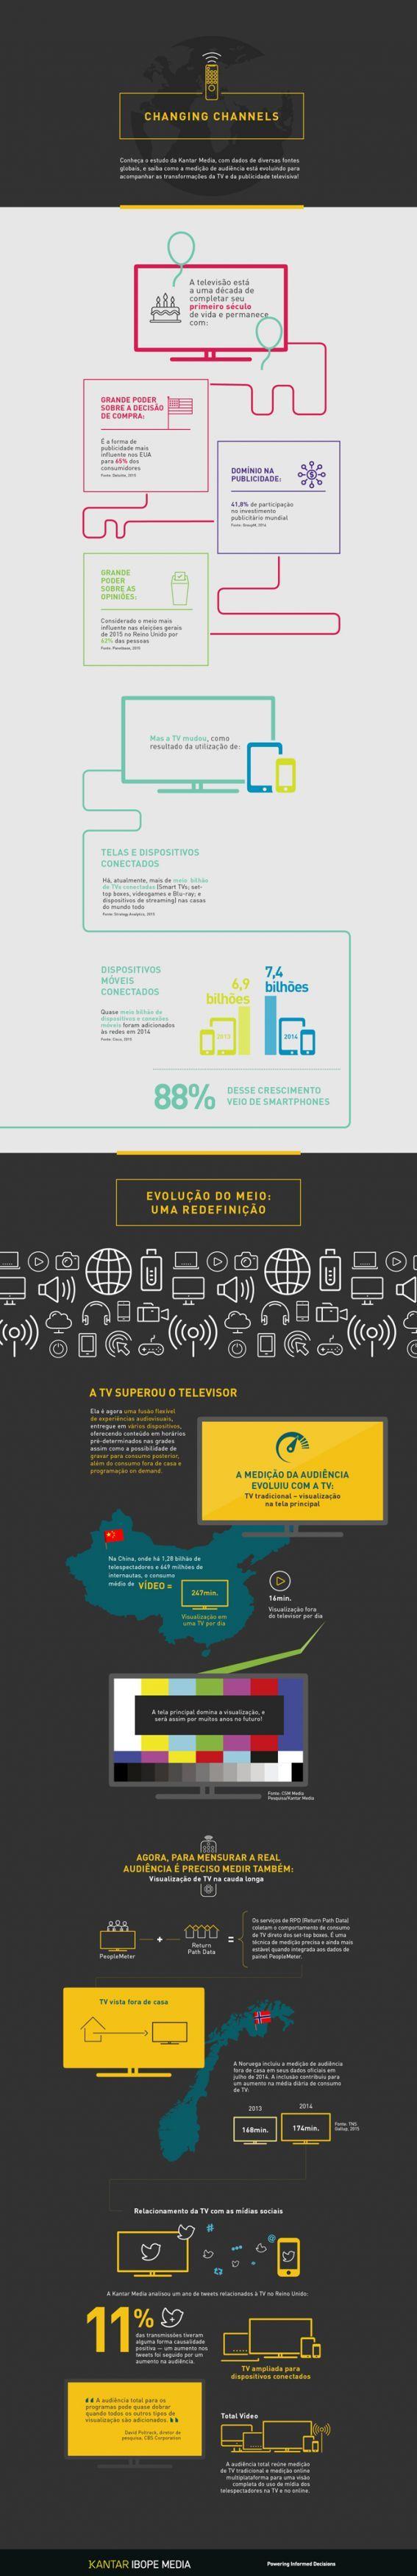 Infográfico mostra evolução da medição de audiência